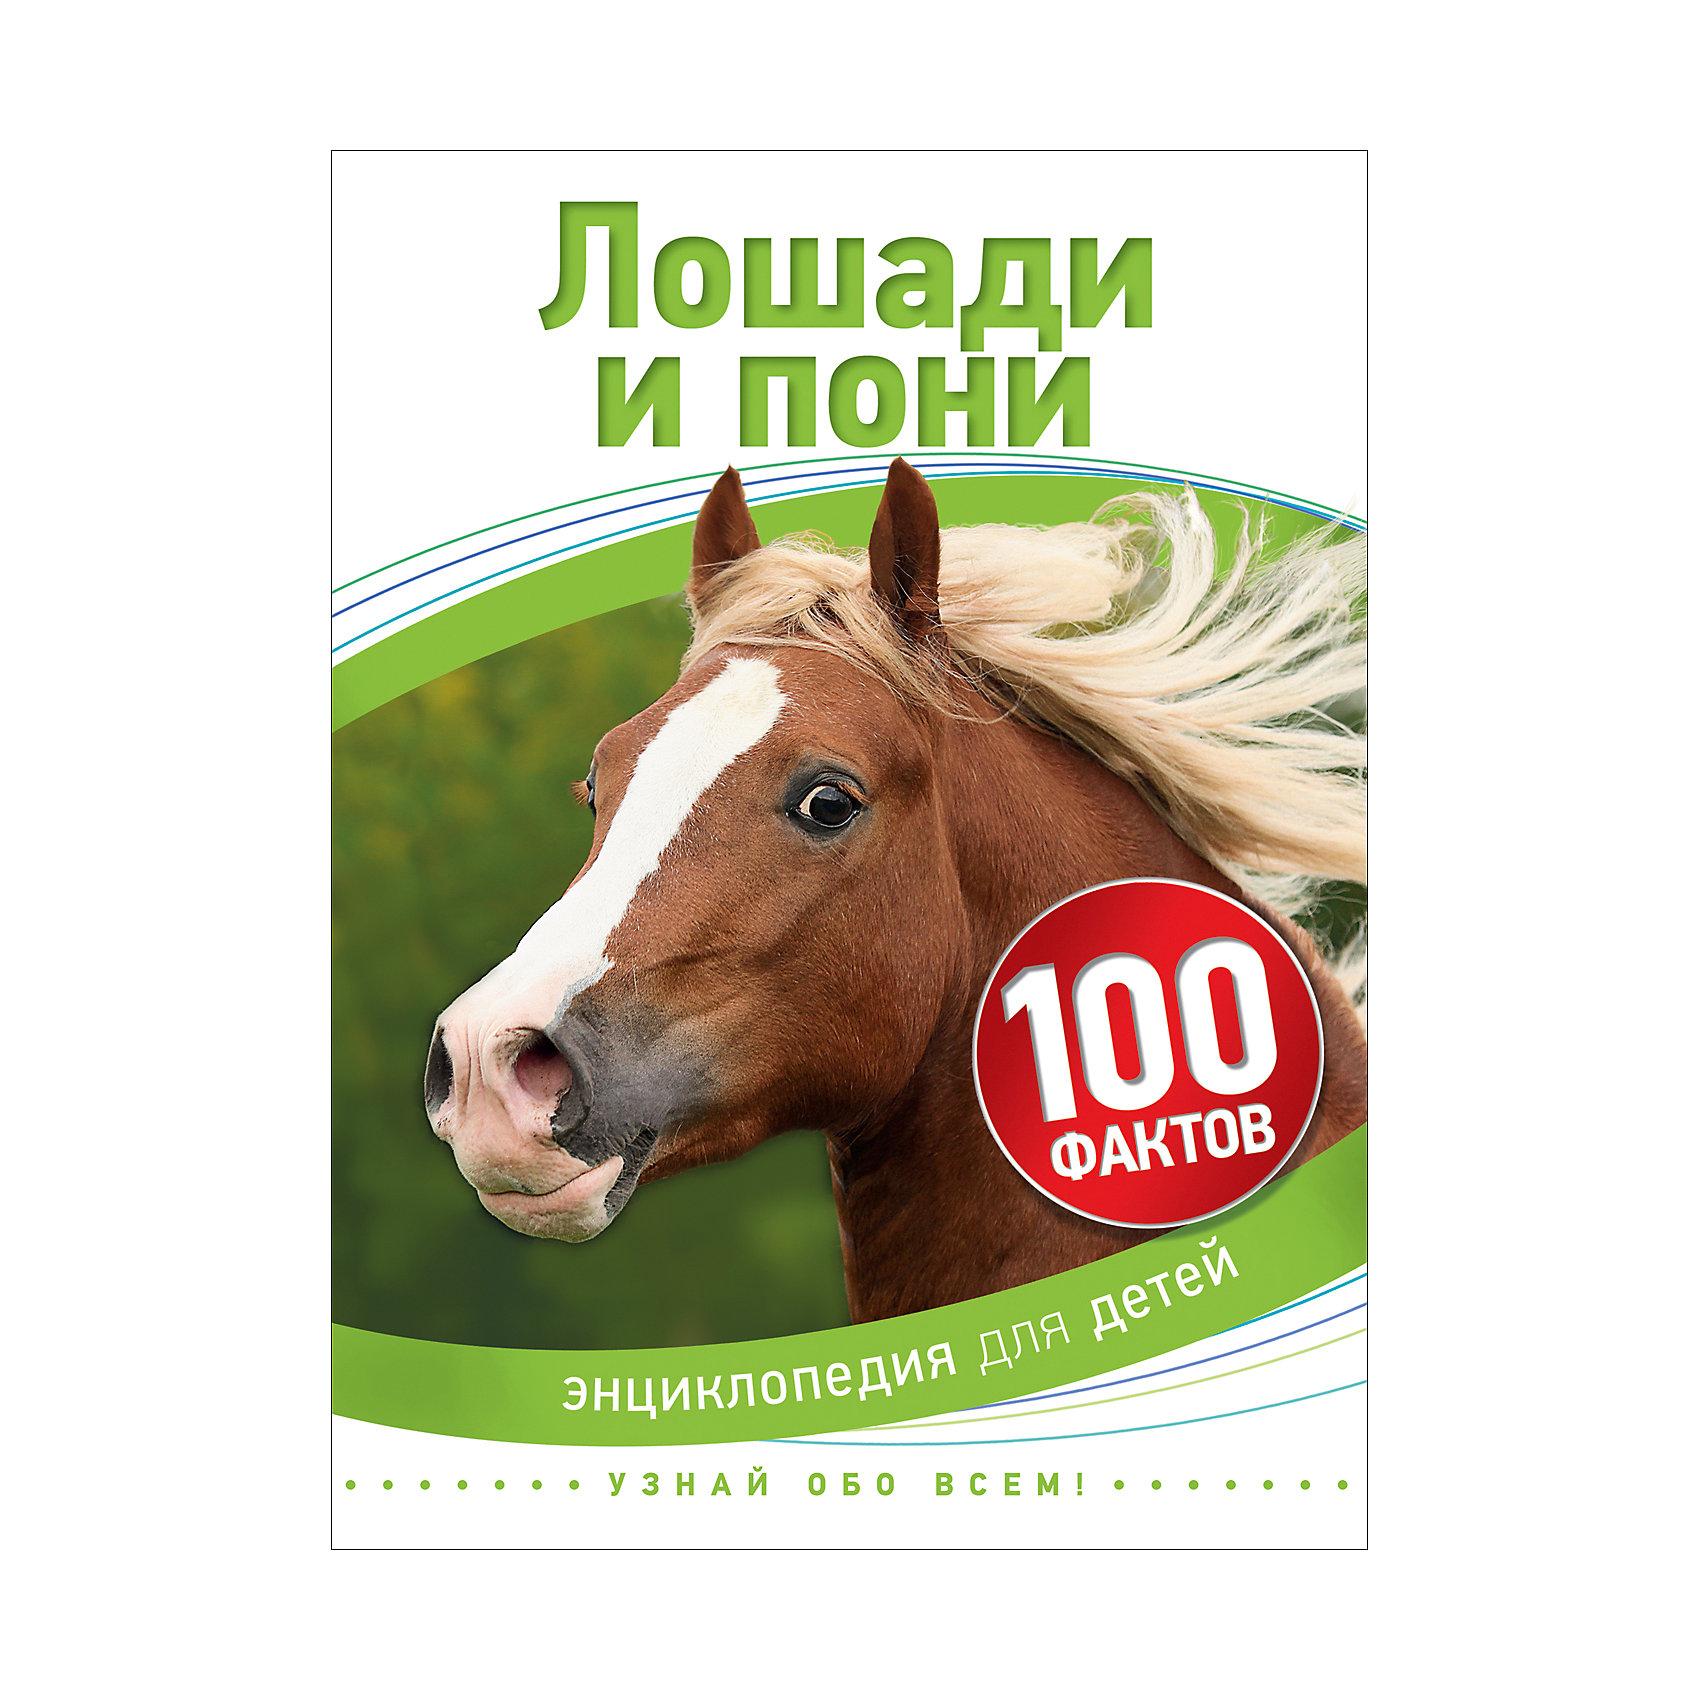 Лошади и пони (100 фактов)Росмэн<br>Характеристики товара:<br><br>- цвет: разноцветный;<br>- материал: бумага;<br>- страниц: 48;<br>- формат: 17 х 21 см;<br>- обложка: твердая;<br>- цветные иллюстрации.<br><br>Эта интересная книга с иллюстрациями станет отличным подарком для ребенка. Она содержит в себе ответы на вопросы, которые интересуют малышей. Всё представлено в очень простой форме! Талантливый иллюстратор дополнил книгу качественными рисунками, которые помогают ребенку понять суть многих вещей в нашем мире. Удивительные и интересные факты помогут привить любовь к учебе!<br>Чтение - отличный способ активизации мышления, оно помогает ребенку развивать зрительную память, концентрацию внимания и воображение. Издание произведено из качественных материалов, которые безопасны даже для самых маленьких.<br><br>Книгу Лошади и пони (100 фактов) от компании Росмэн можно купить в нашем интернет-магазине.<br><br>Ширина мм: 220<br>Глубина мм: 165<br>Высота мм: 8<br>Вес г: 194<br>Возраст от месяцев: 60<br>Возраст до месяцев: 84<br>Пол: Унисекс<br>Возраст: Детский<br>SKU: 5109948